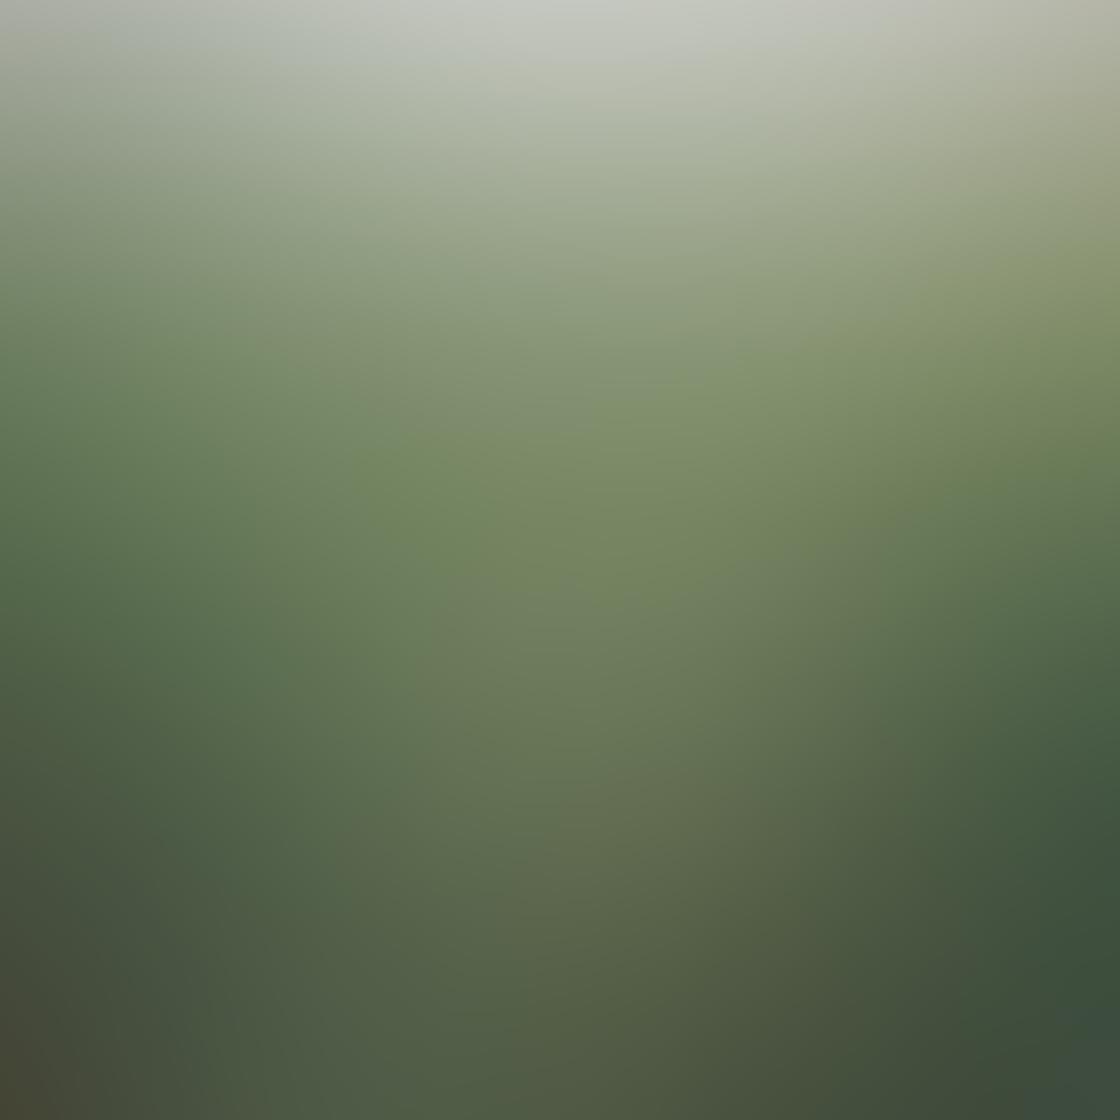 Green iPhone Photos 9